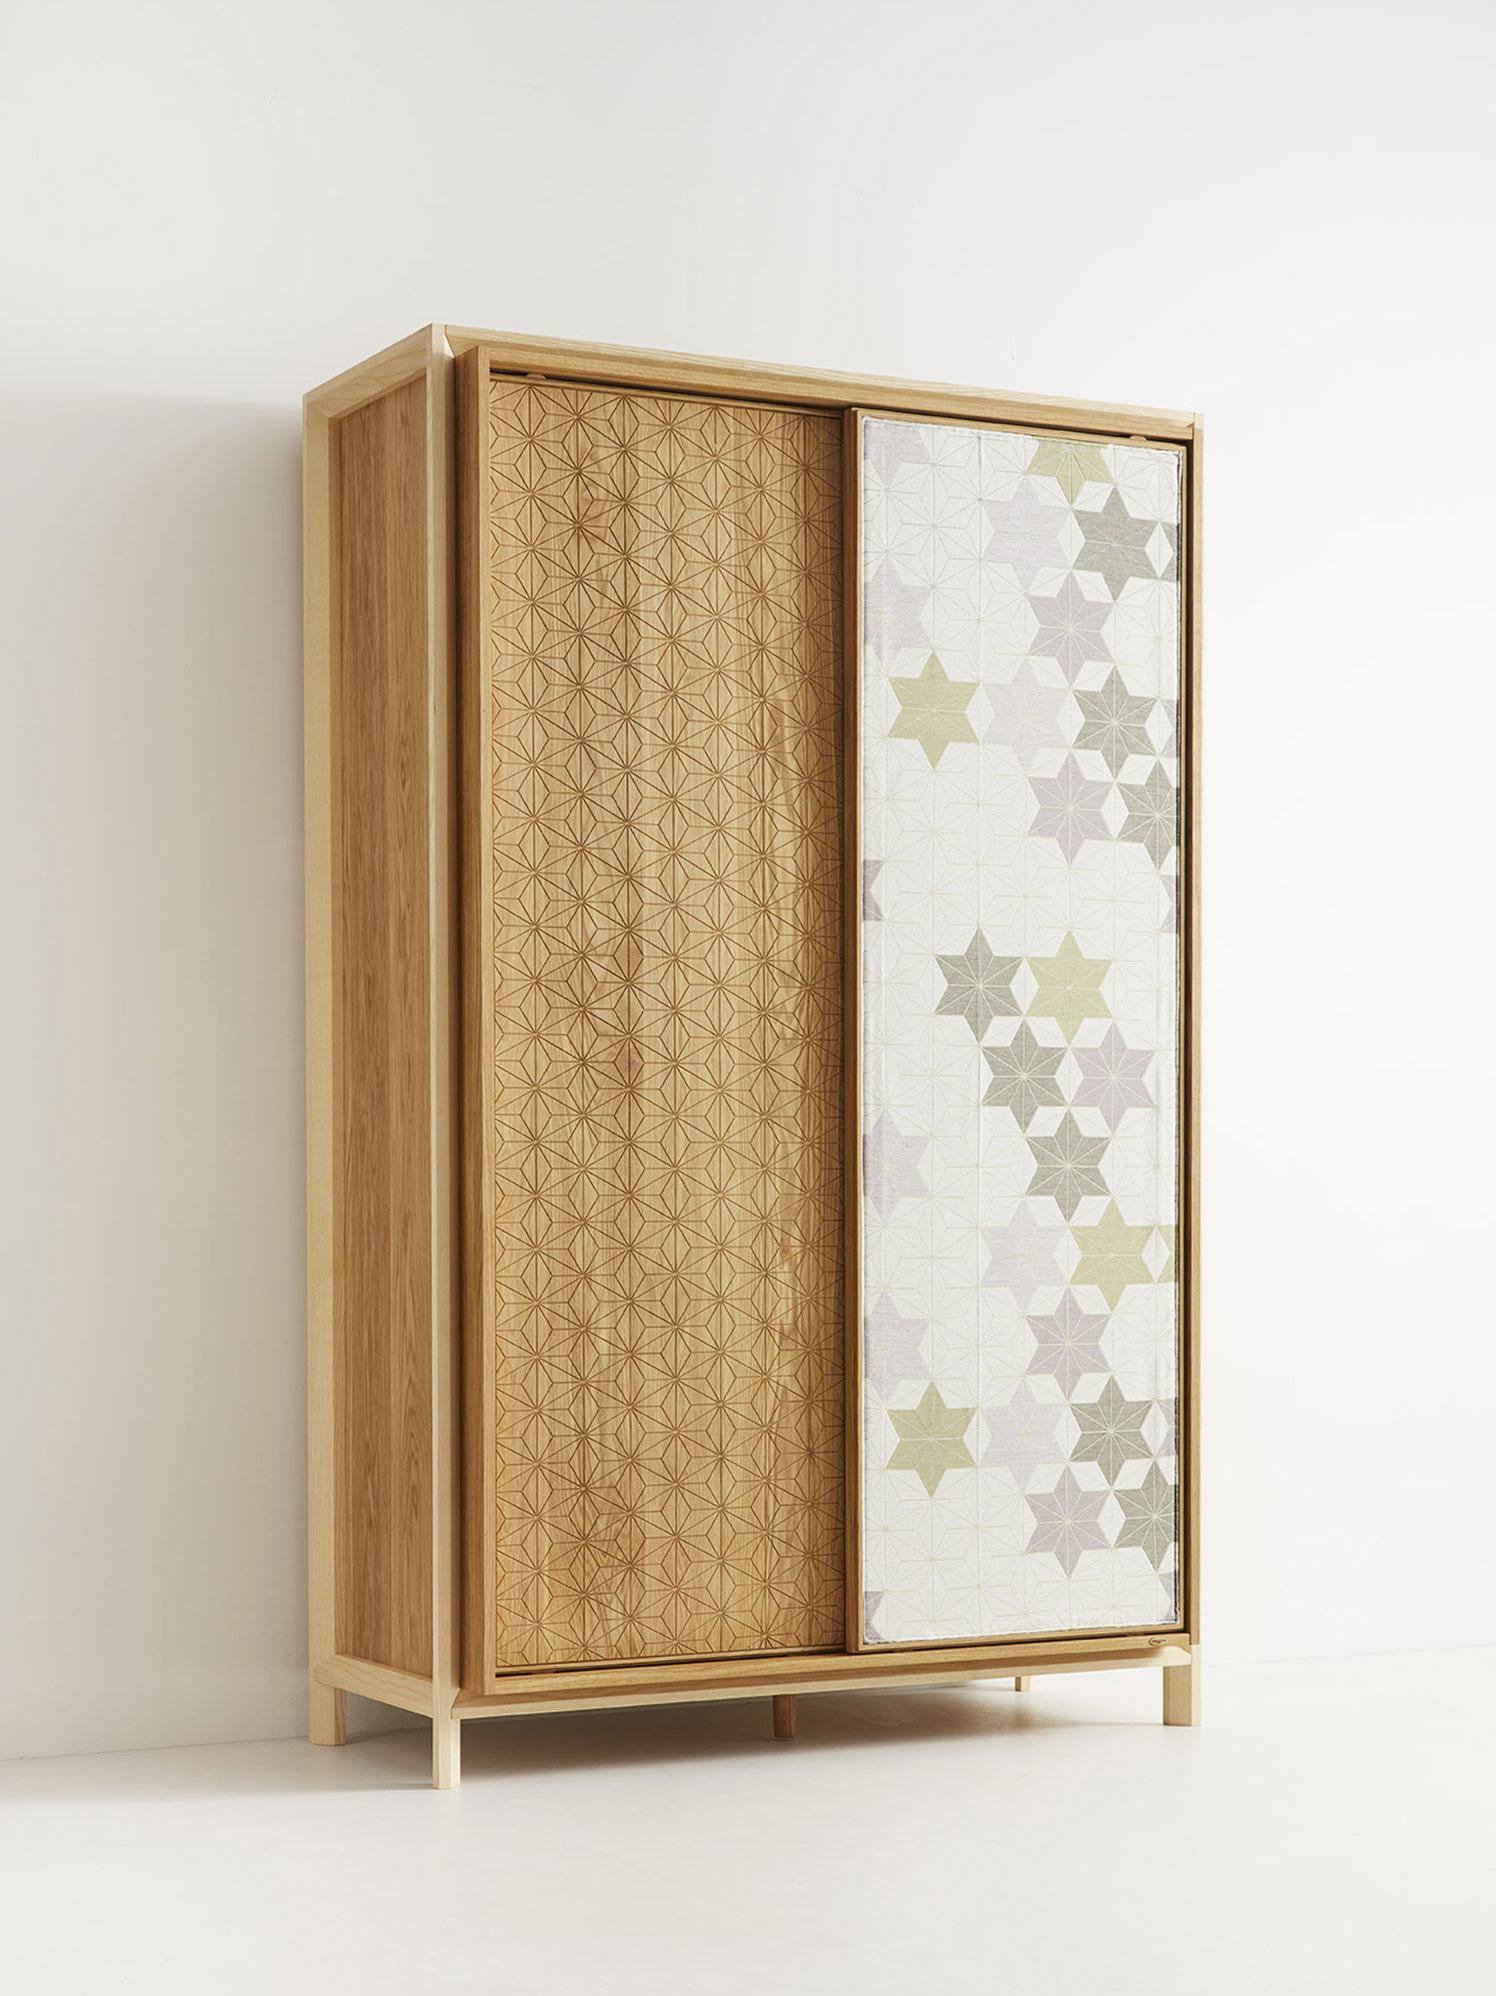 tolle gr ne erde kleiderschrank ideen die besten einrichtungsideen. Black Bedroom Furniture Sets. Home Design Ideas